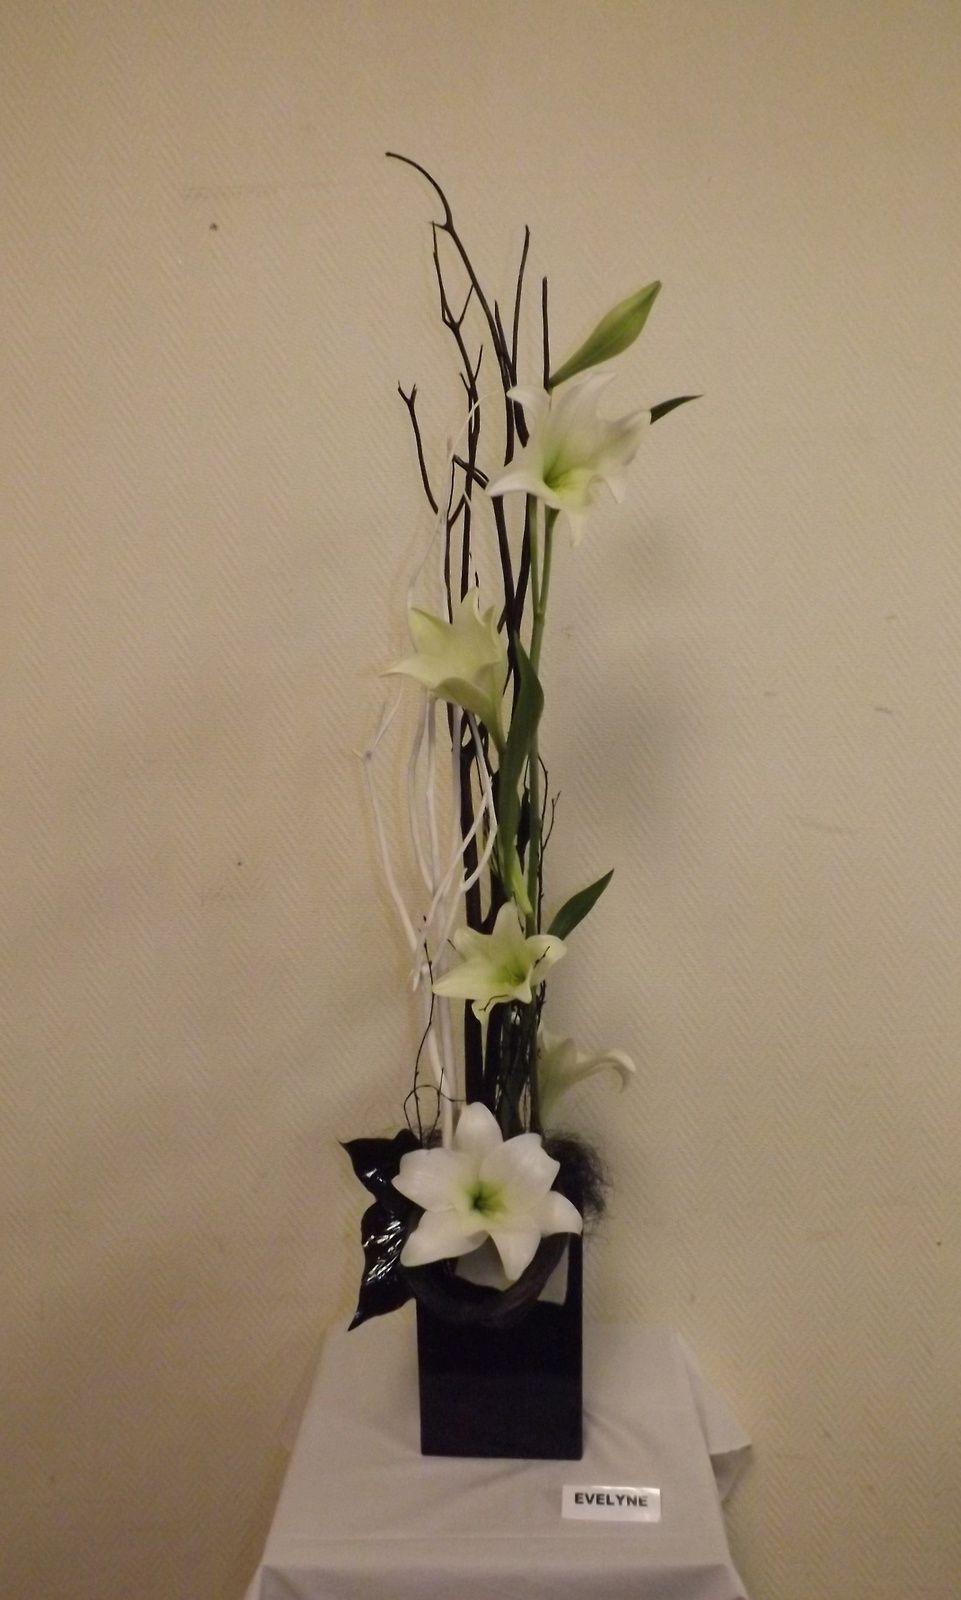 Mitsumata blanc et noir, bouleau, feutrine, sisal, lys arisis, feuilles de strelitzia séchées et teintées.